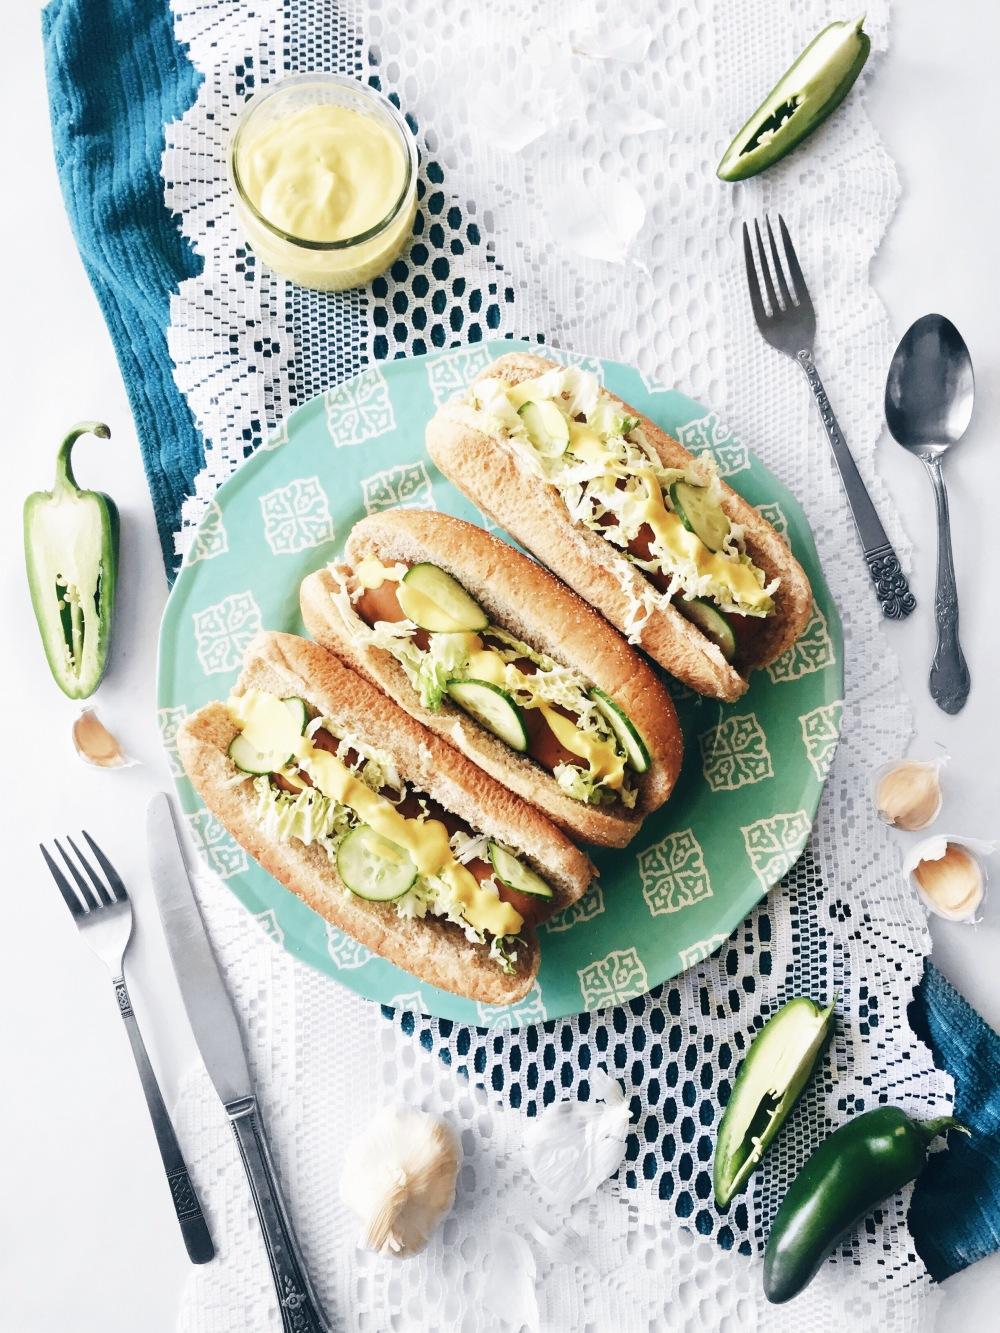 Hot-dogs véganes à la saucisse, à la salade de chou mariné au concombre, oignons rouges et jalapeno et sauce végénaise moutardée